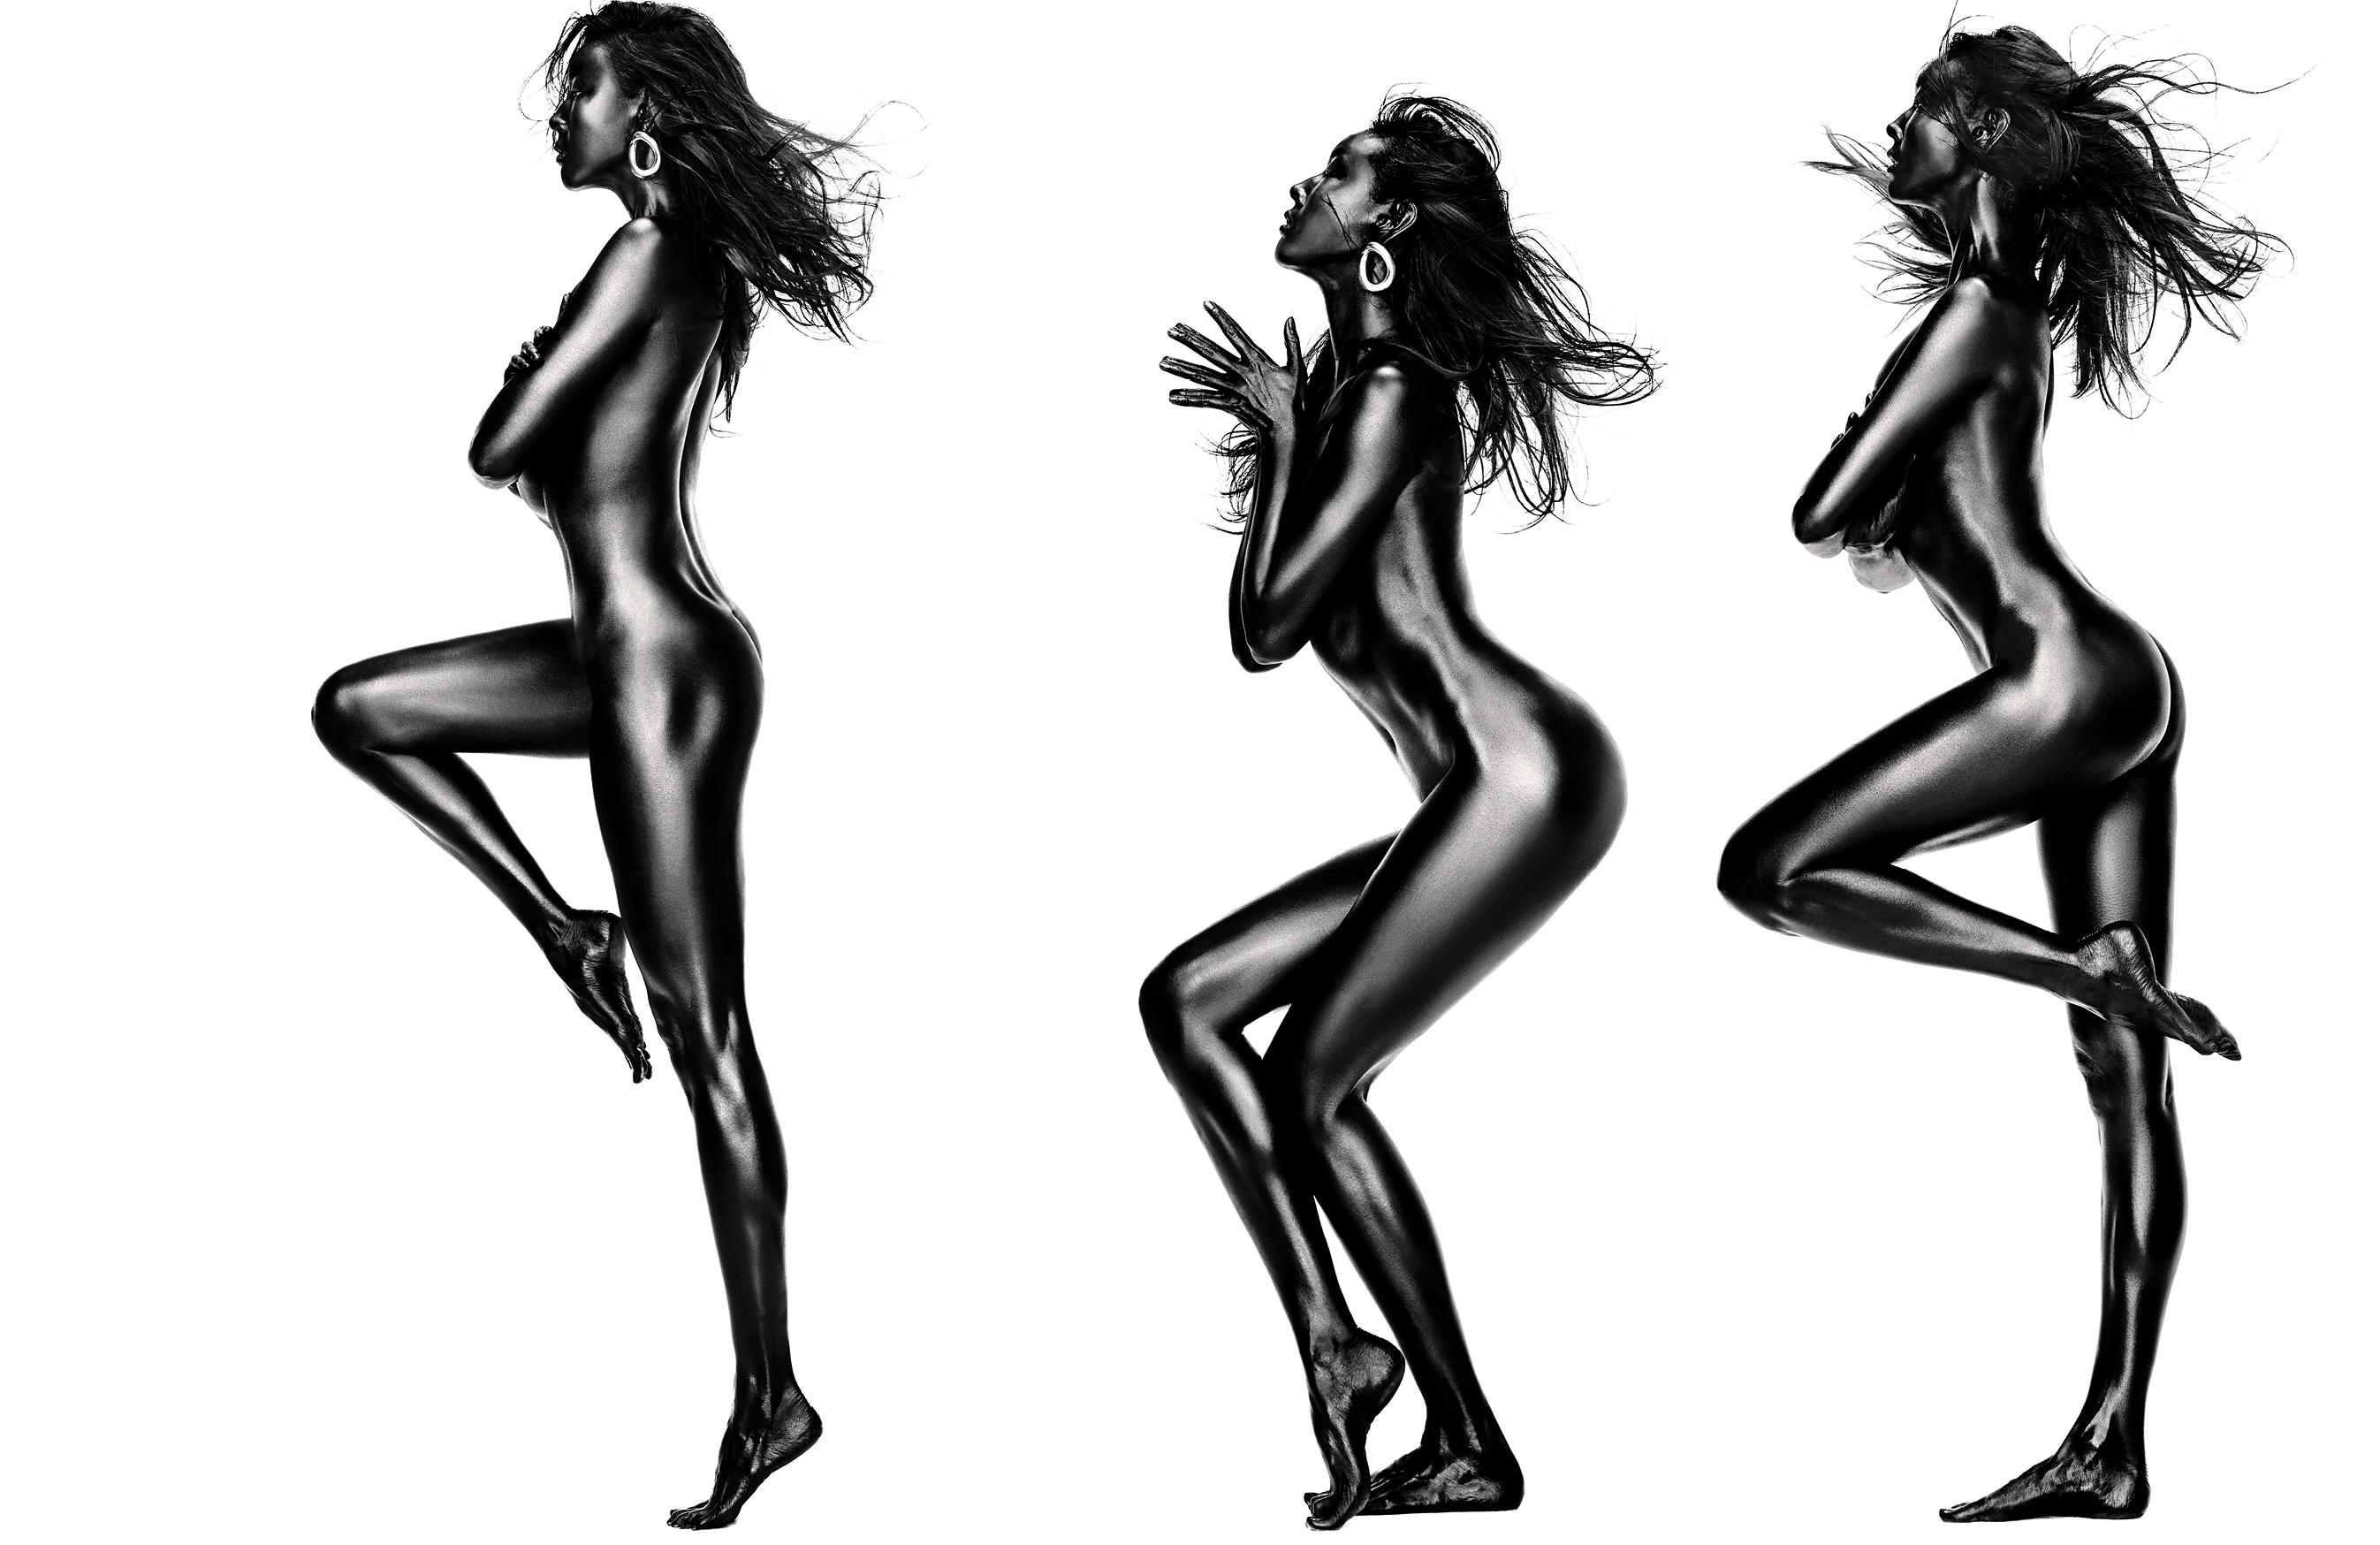 자신을 가꾸는 데 게으른 적이 없는 모델 한혜진은 오늘이 가장 건강하고 아름다운 몸이라고 말한다. 환상적이라는 표현마저 진부하게 만드는 그녀의 특별한 화보를 공개한다.